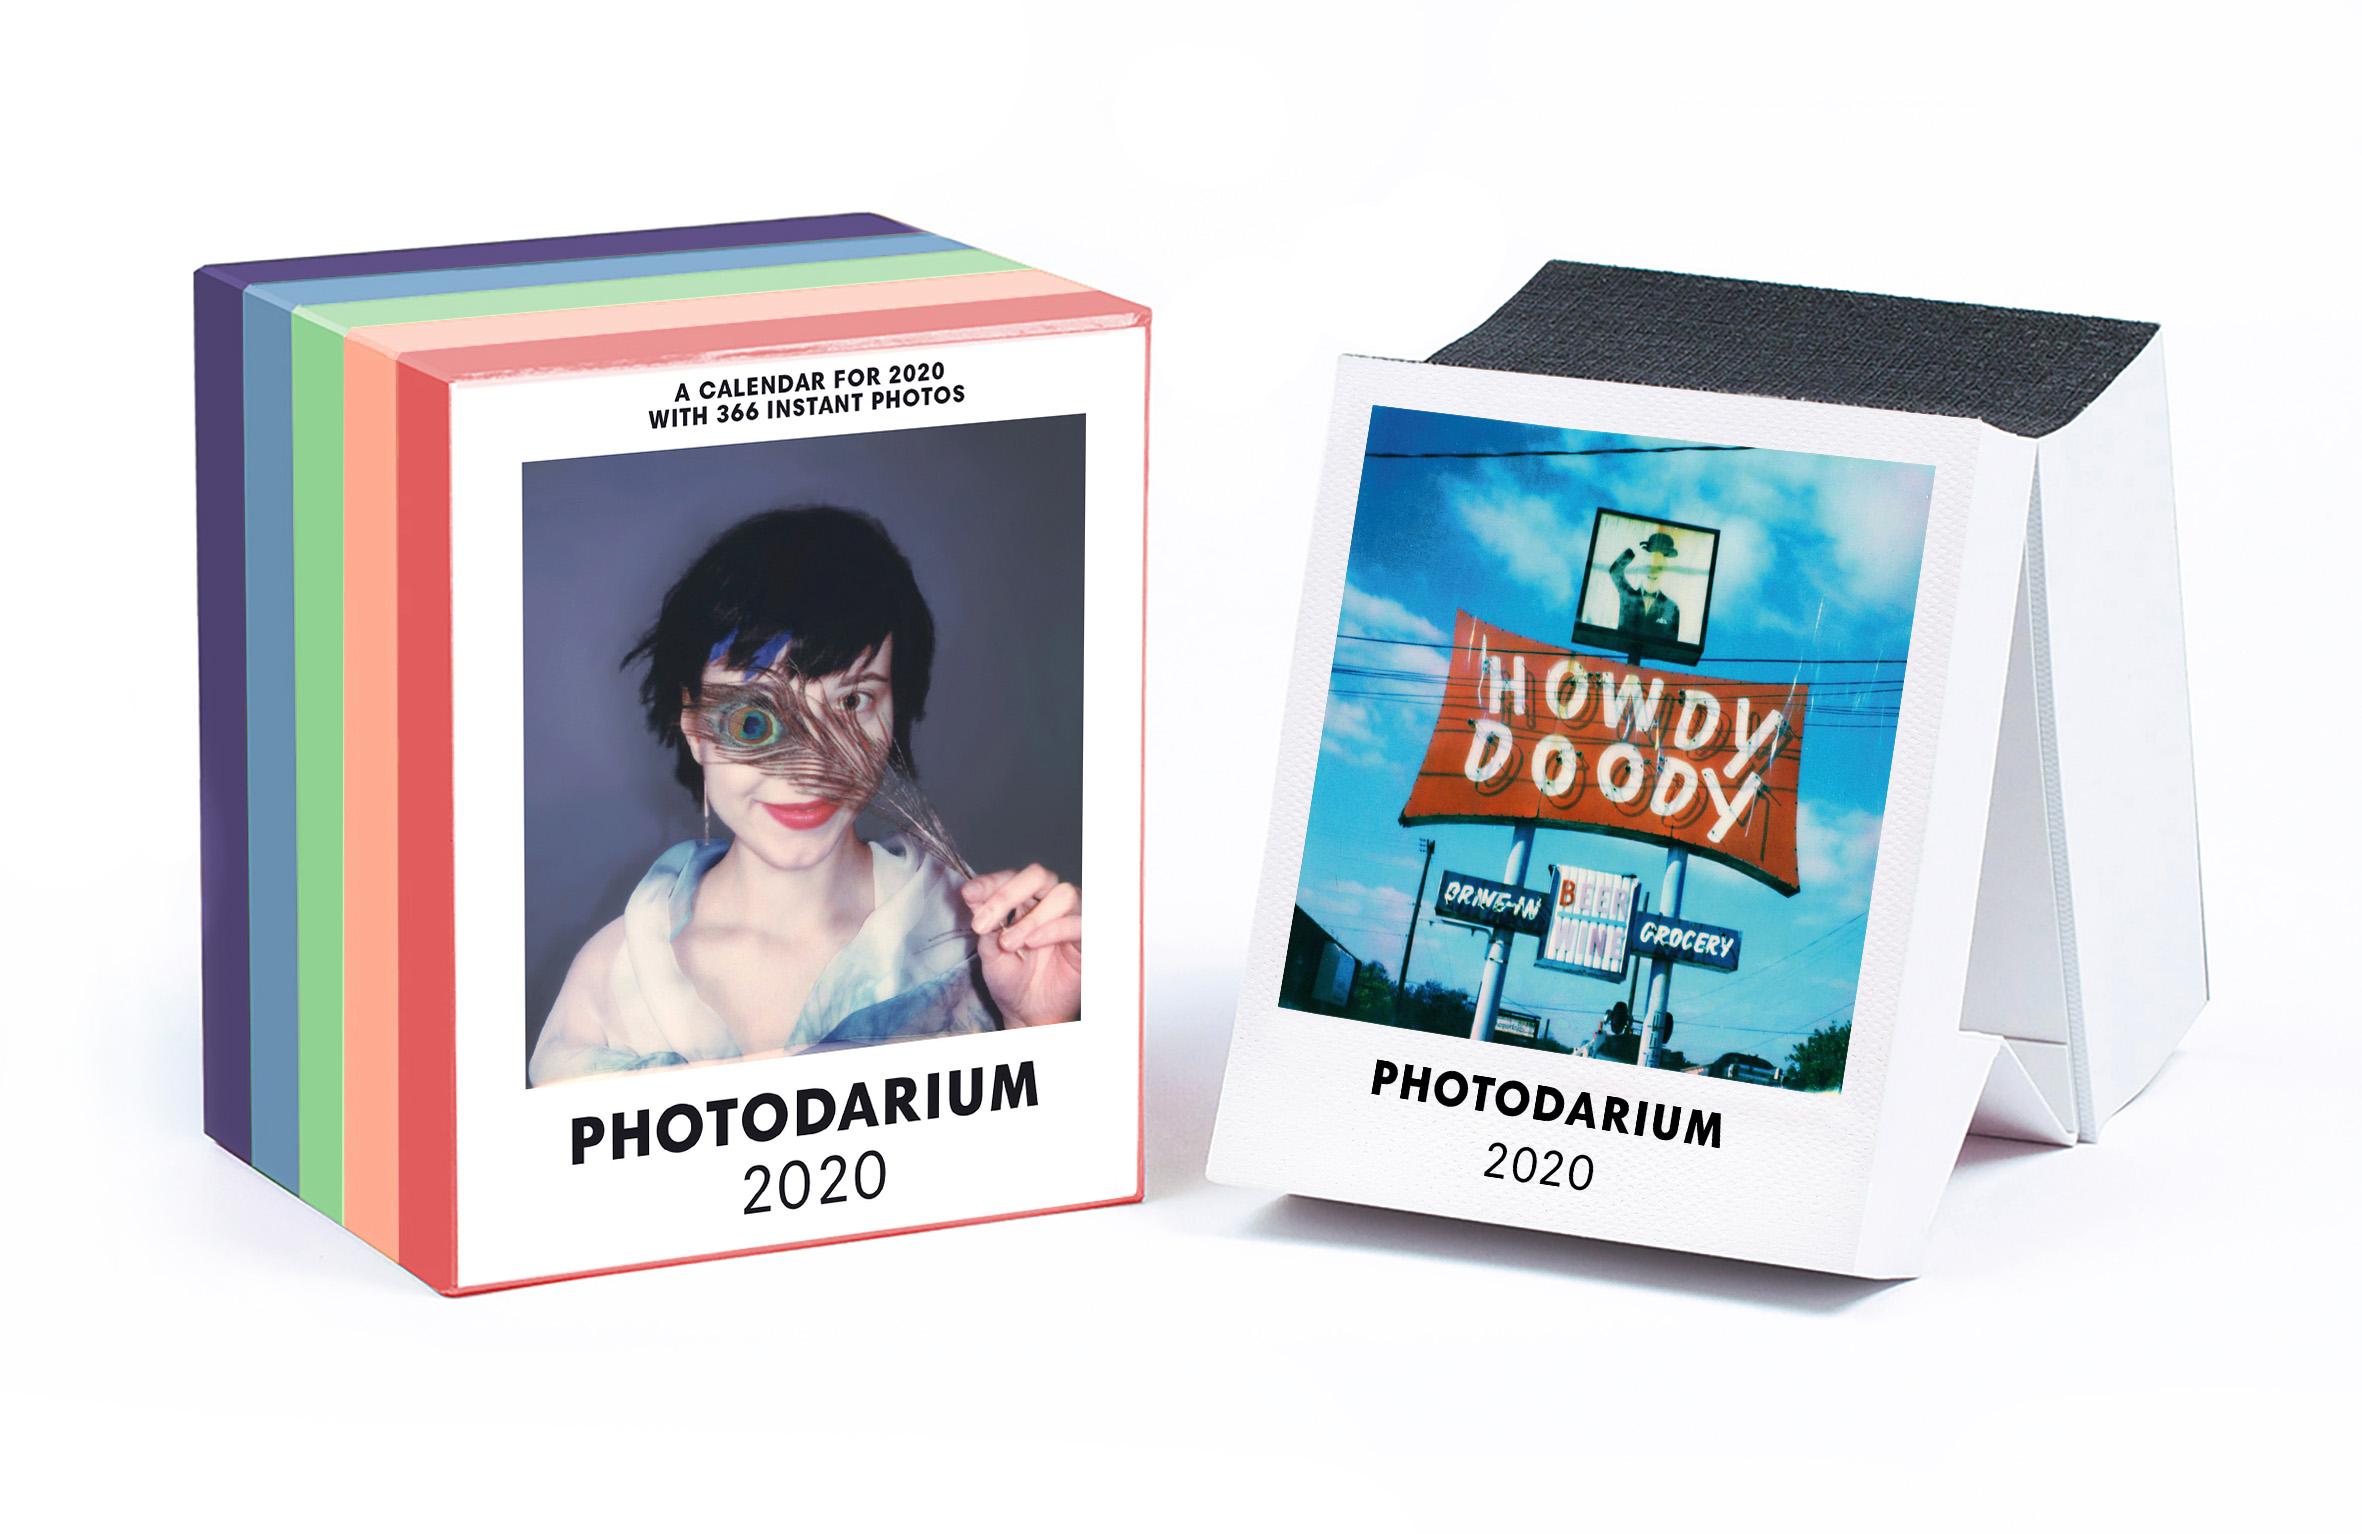 Photodarium-2020-slanted_01